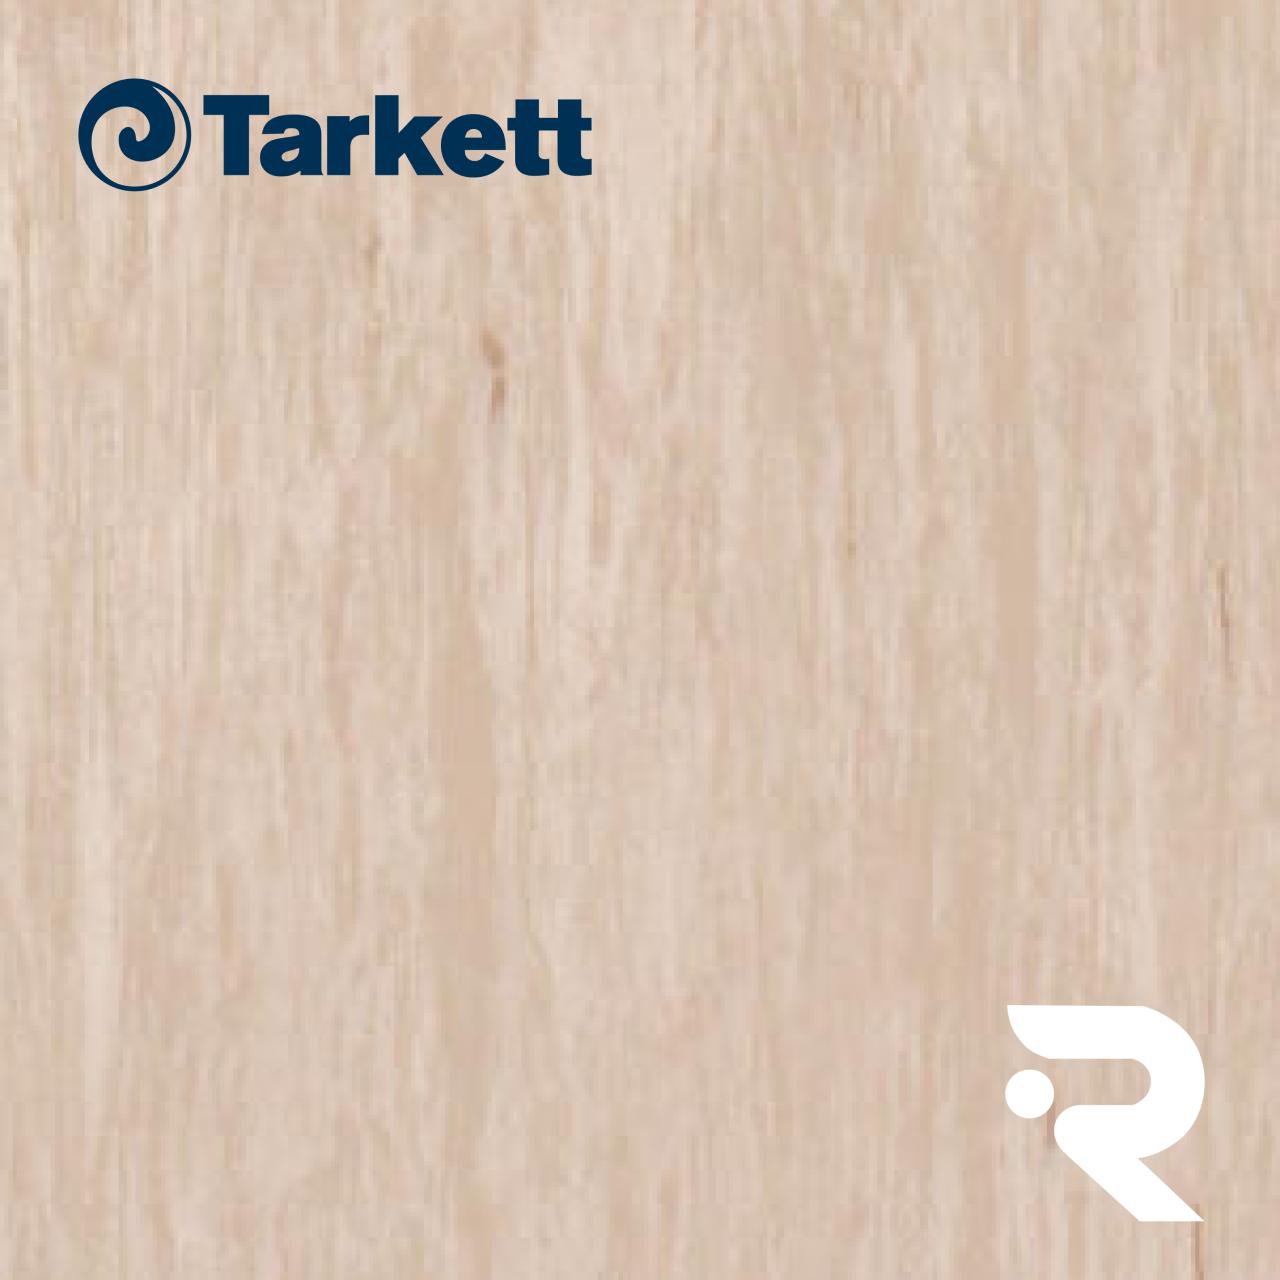 🏫 Гомогенний лінолеум Tarkett   Standard LIGHT BEIGE 0479   Standard Plus 2.0 mm   610 х 610 мм